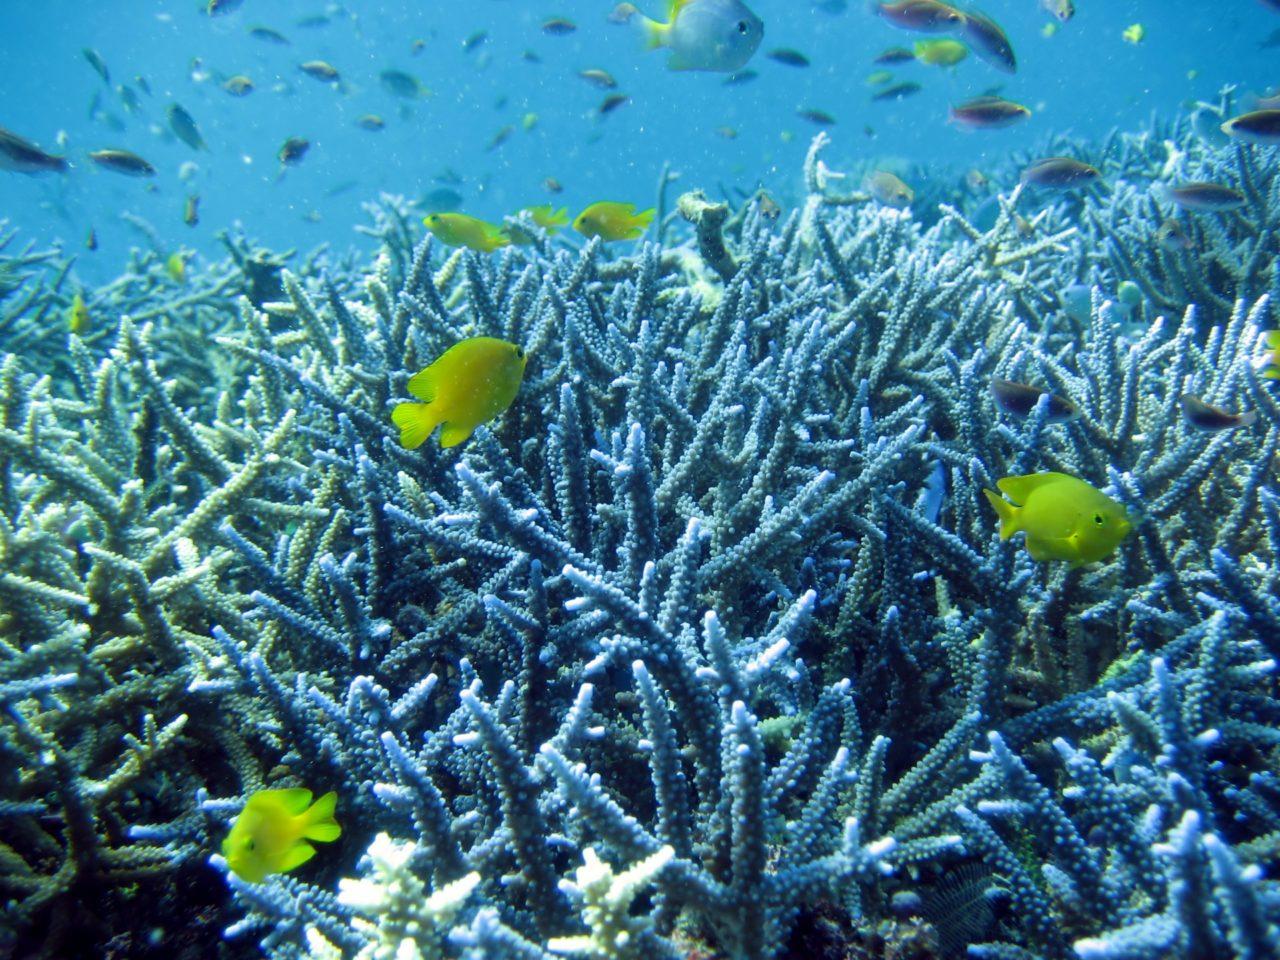 【沖縄にしかいない魚や甲殻類・貝類】って?美ら海水族館で観られるかも調べてみました!